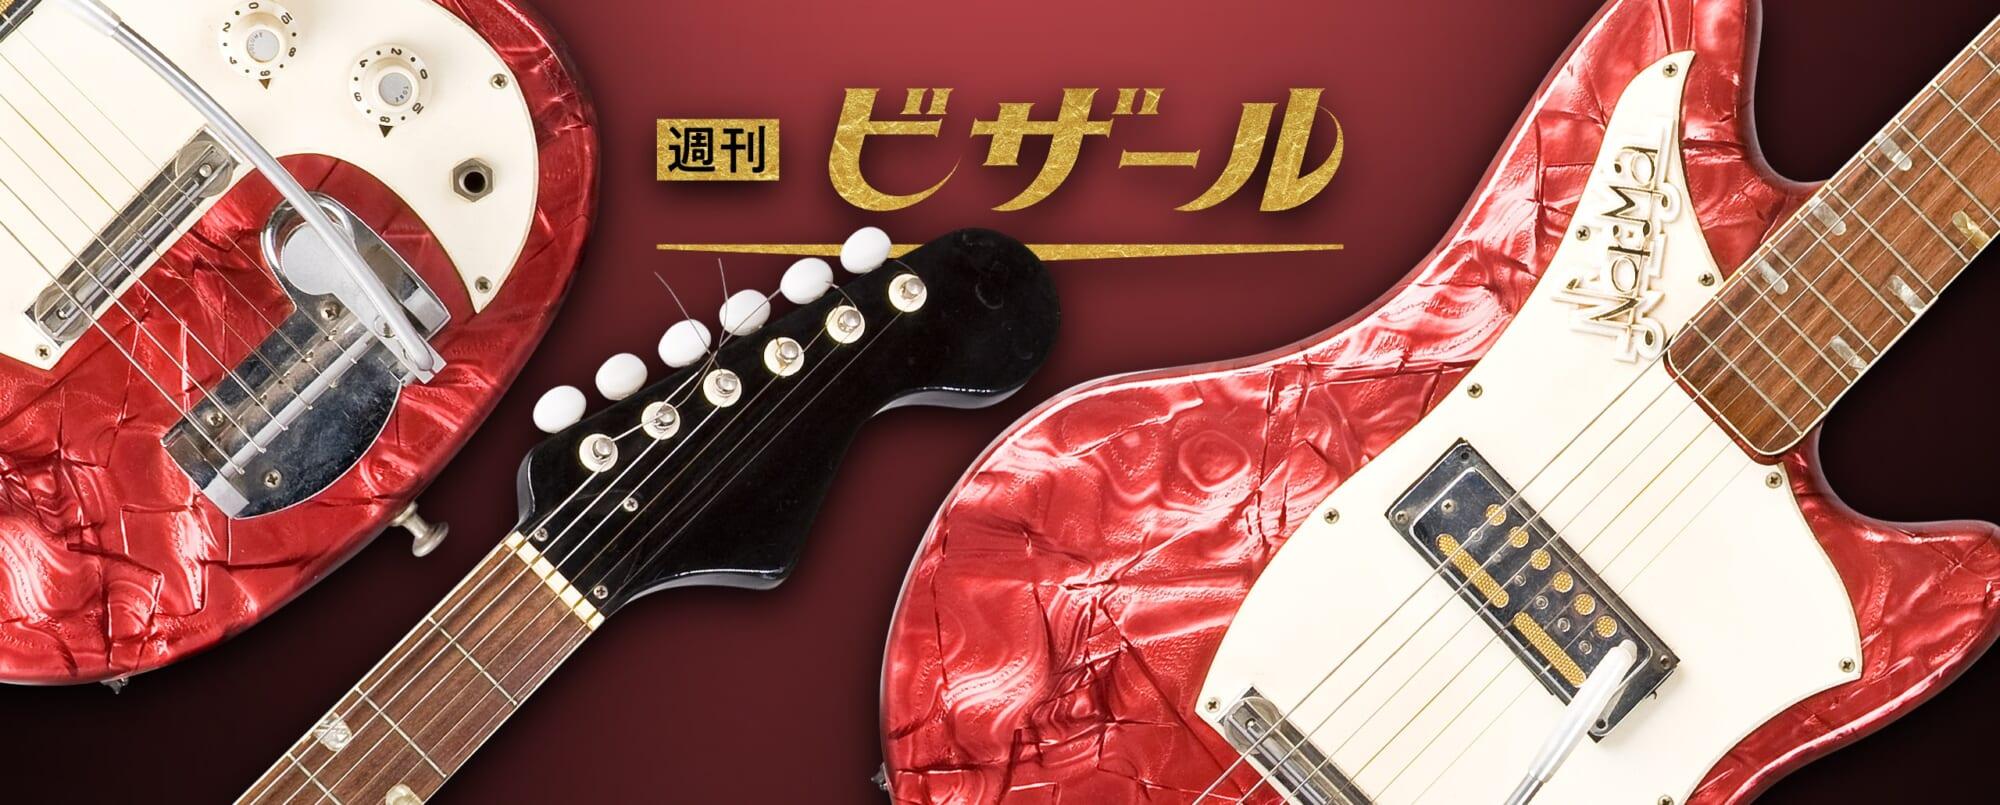 アコーディオンのエッセンスを盛り込んだ日本生まれのノーマ・ギター